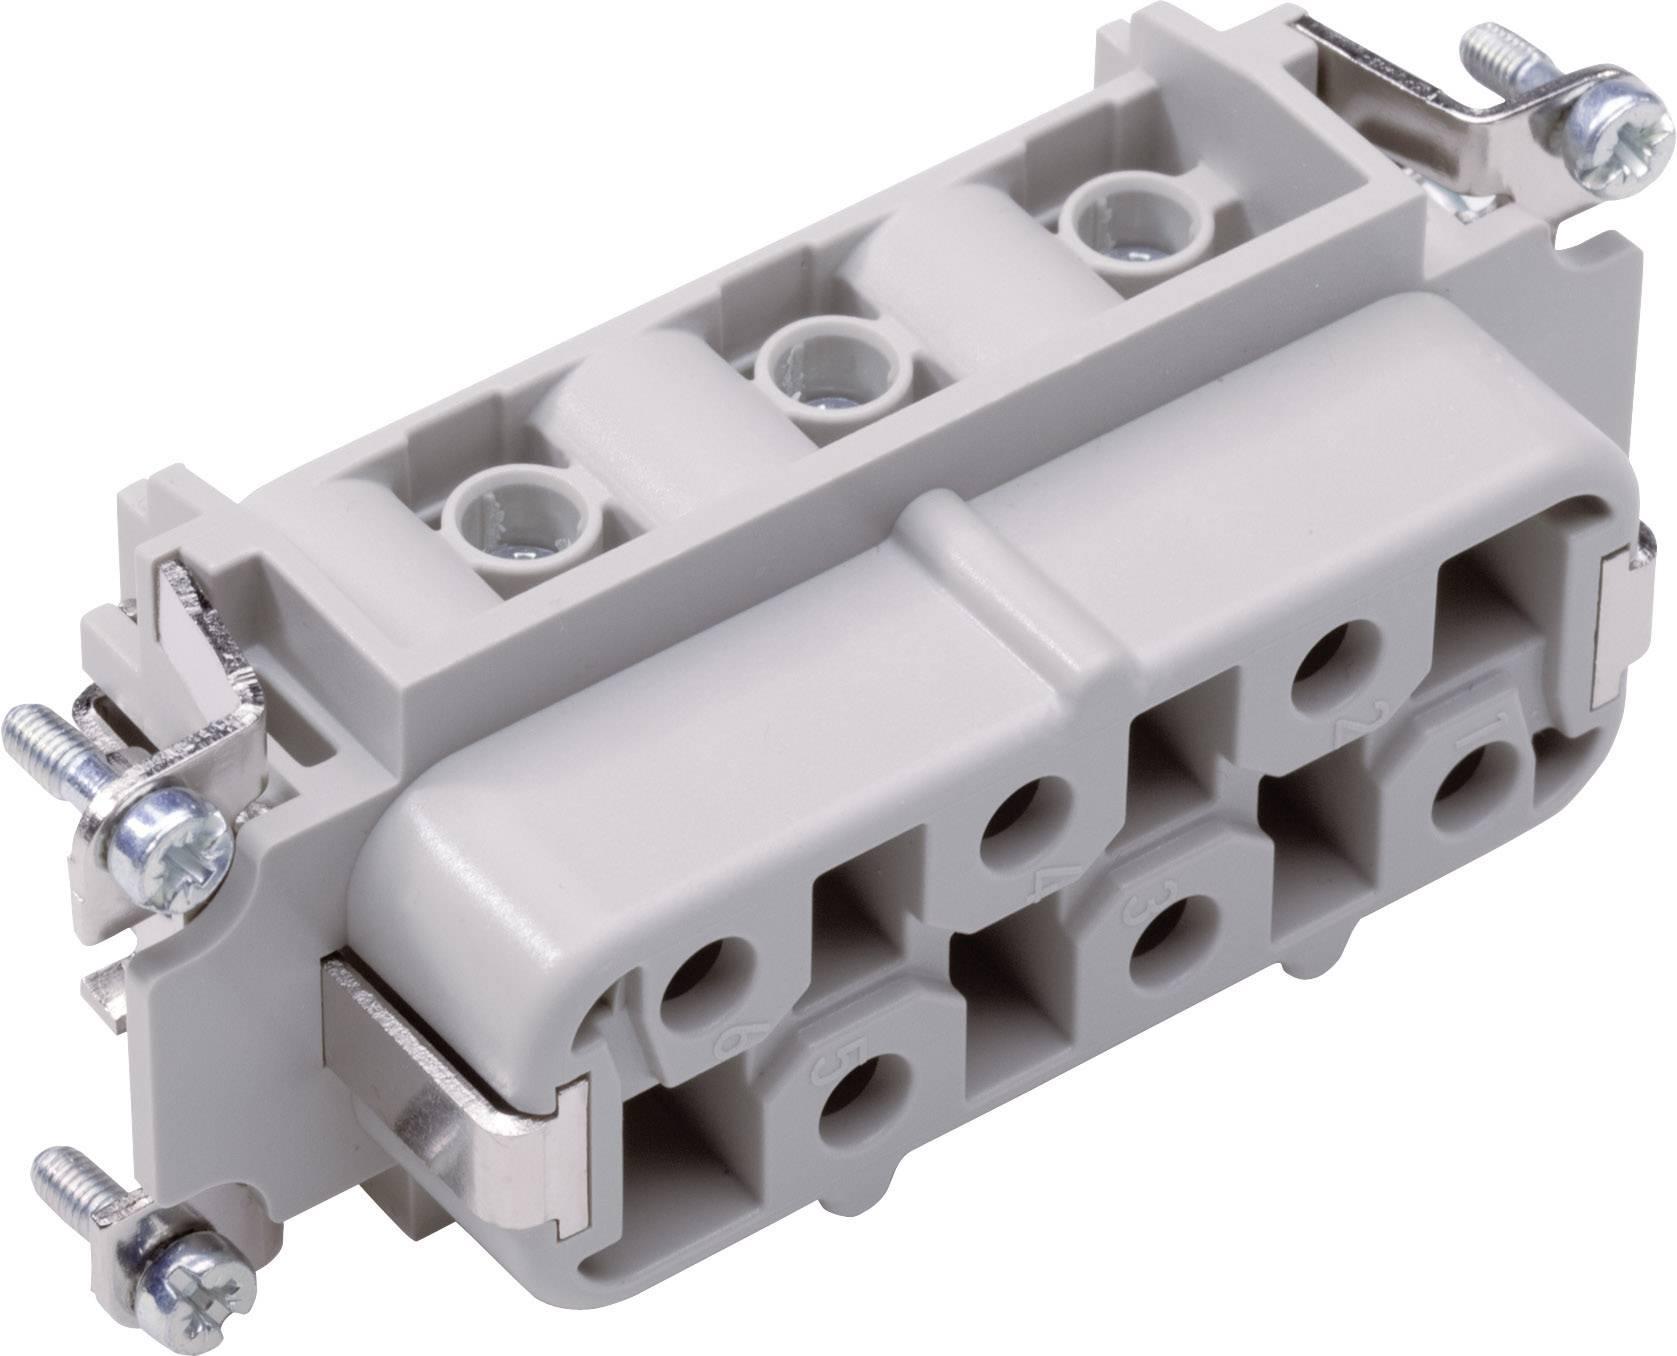 Konektorová vložka, zásuvka EPIC® H-BS 6 10171600 LappKabel počet kontaktů 12 + PE 5 ks